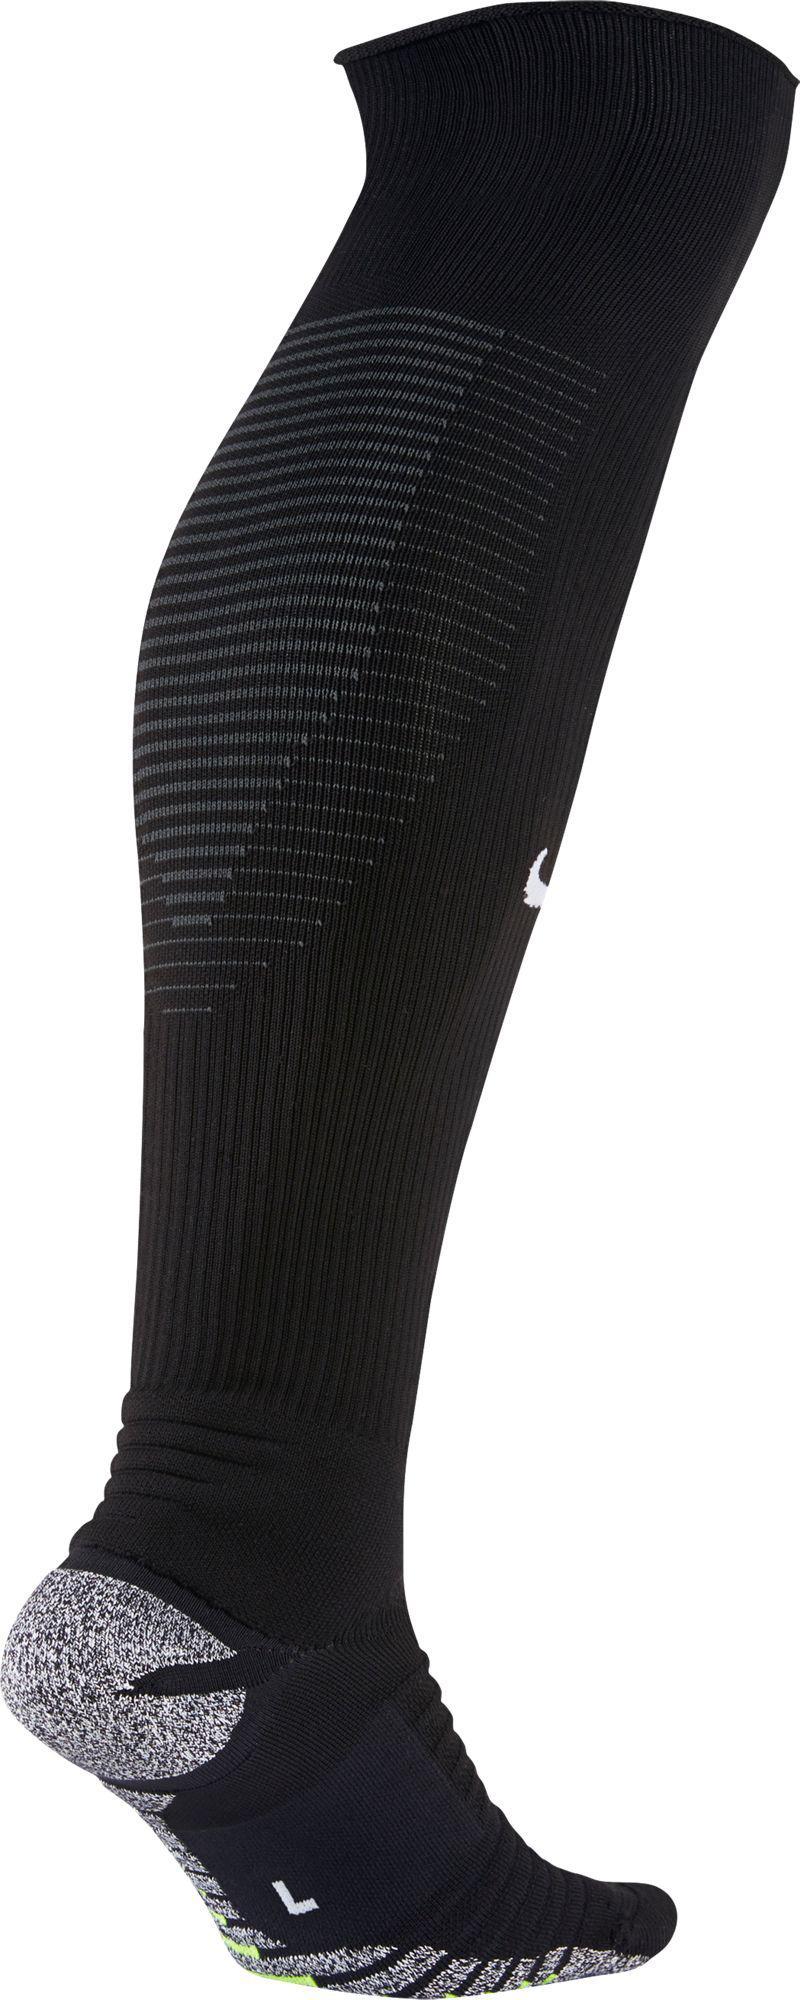 d63fd3cec Nike - Black Grip Strike Cushioned Over-the-calf Soccer Socks for Men -